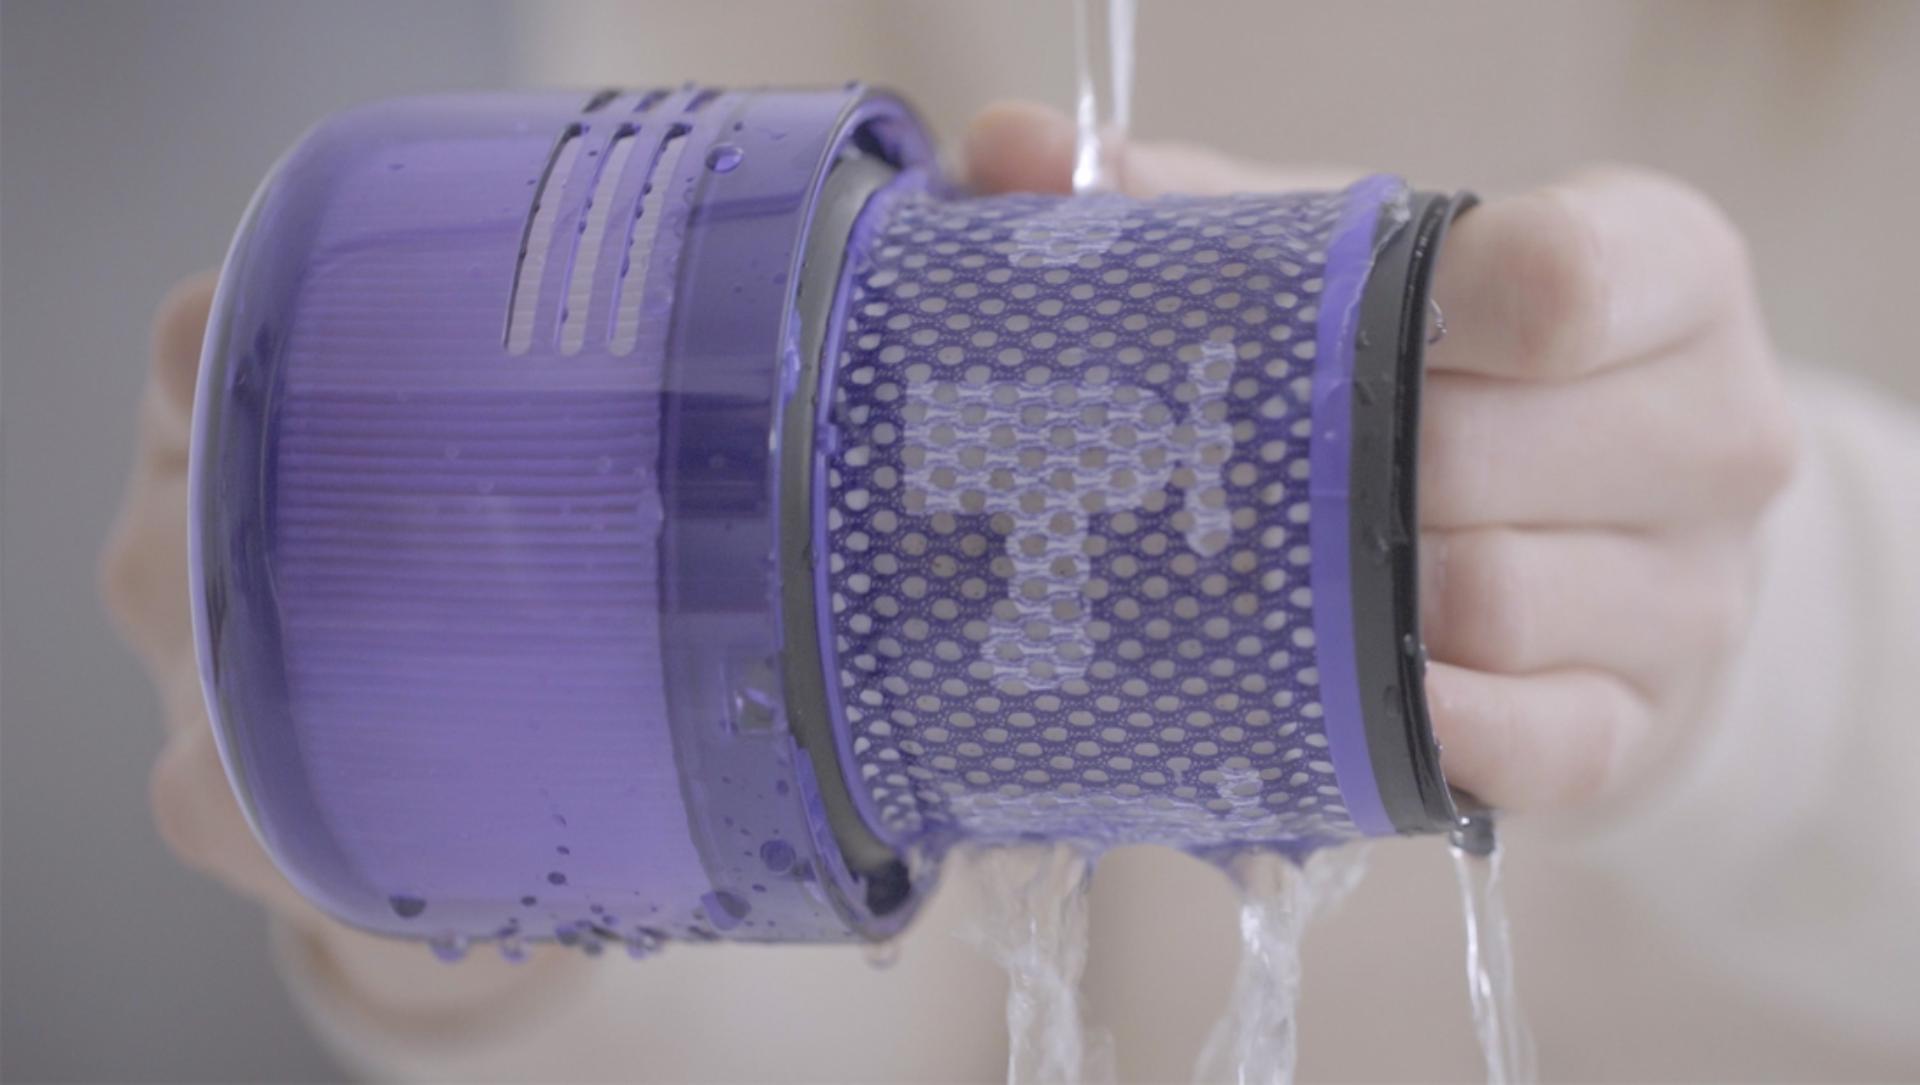 Videó a Dyson V11™ porszívó szűrőjének elmosásáról